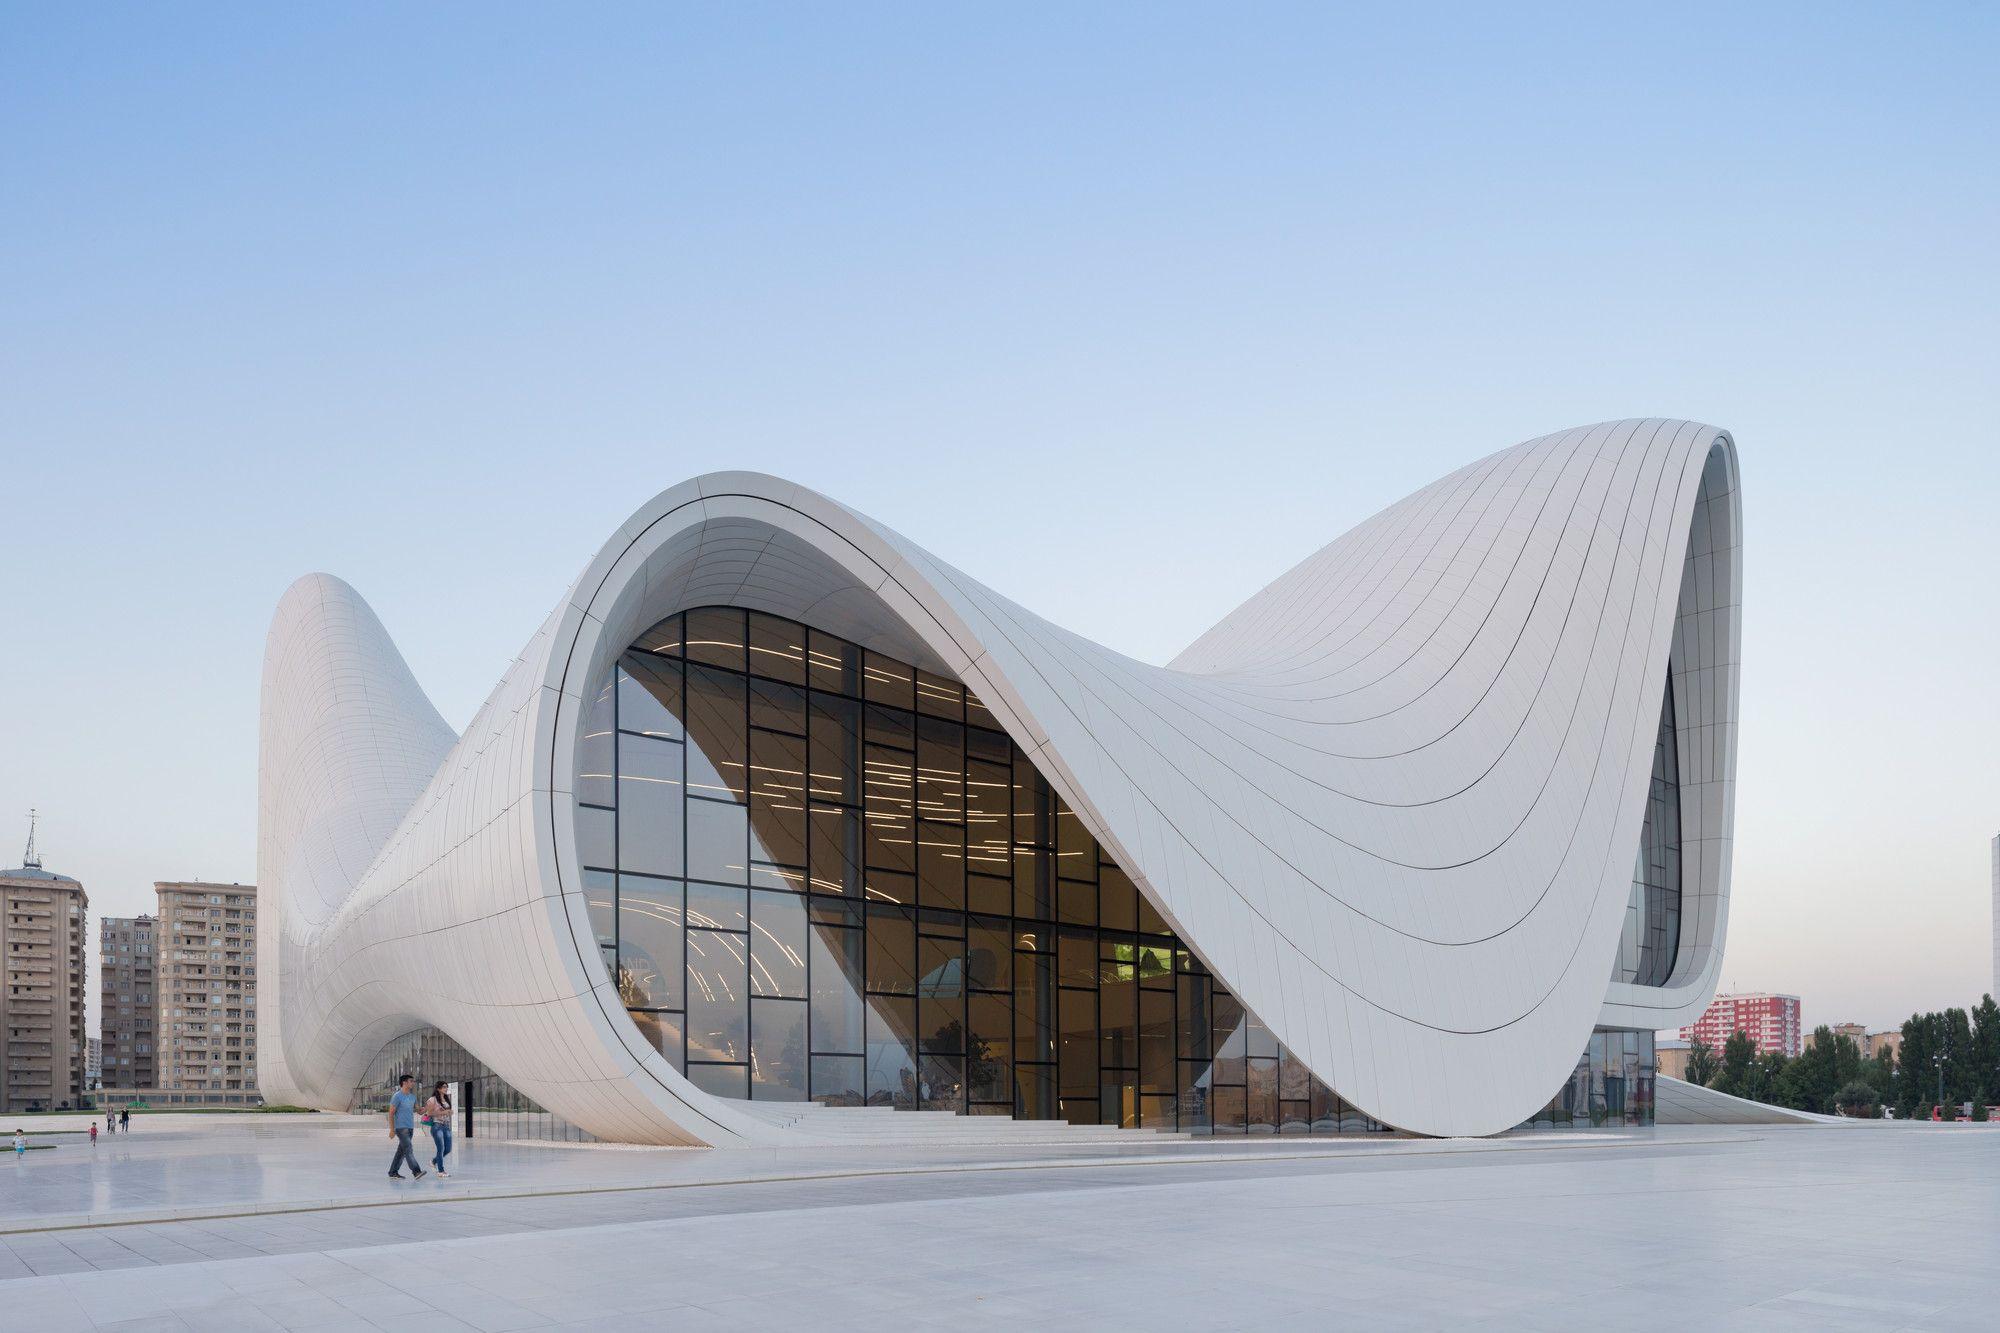 Gallery Of Heydar Aliyev Center Zaha Hadid Architects 1 Zaha Hadid Architecture Zaha Hadid Design Zaha Hadid